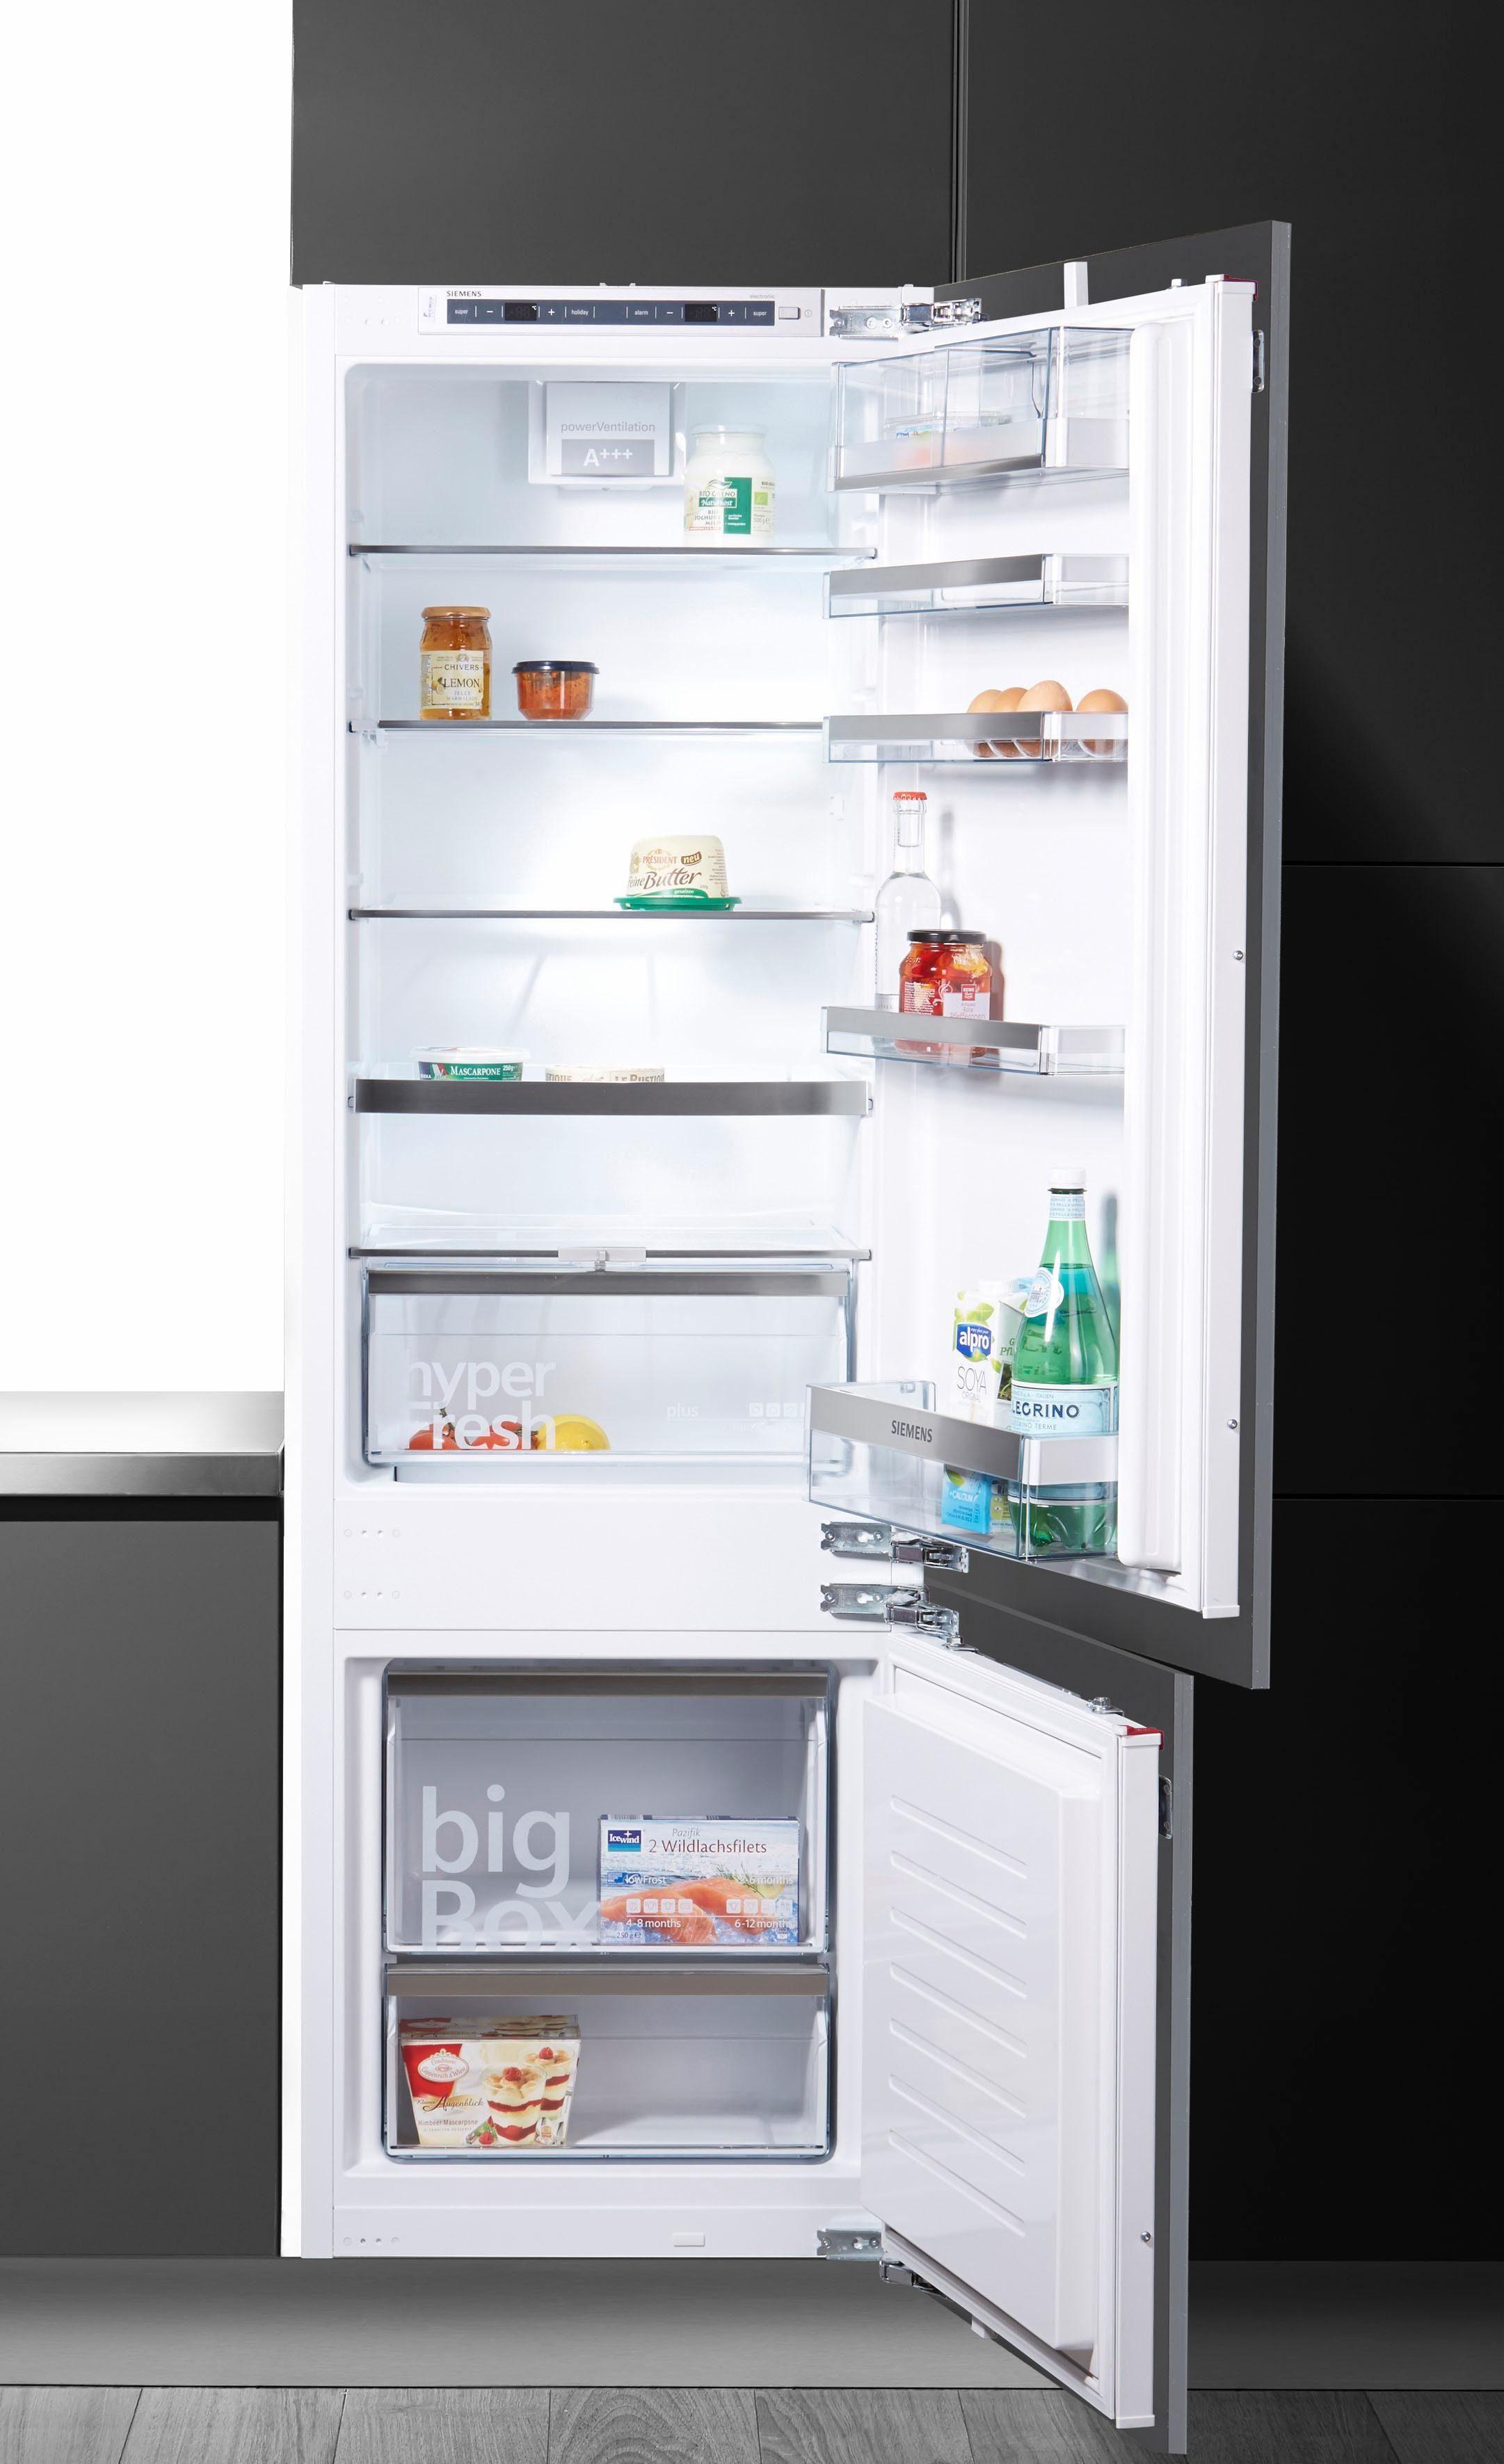 SIEMENS Einbaukühlgefrierkombination KI87SAD40, 177,2 cm hoch, 54,5 cm breit, Energieeffizienzklasse: A+++, 177,2 cm hoch, LowFrost